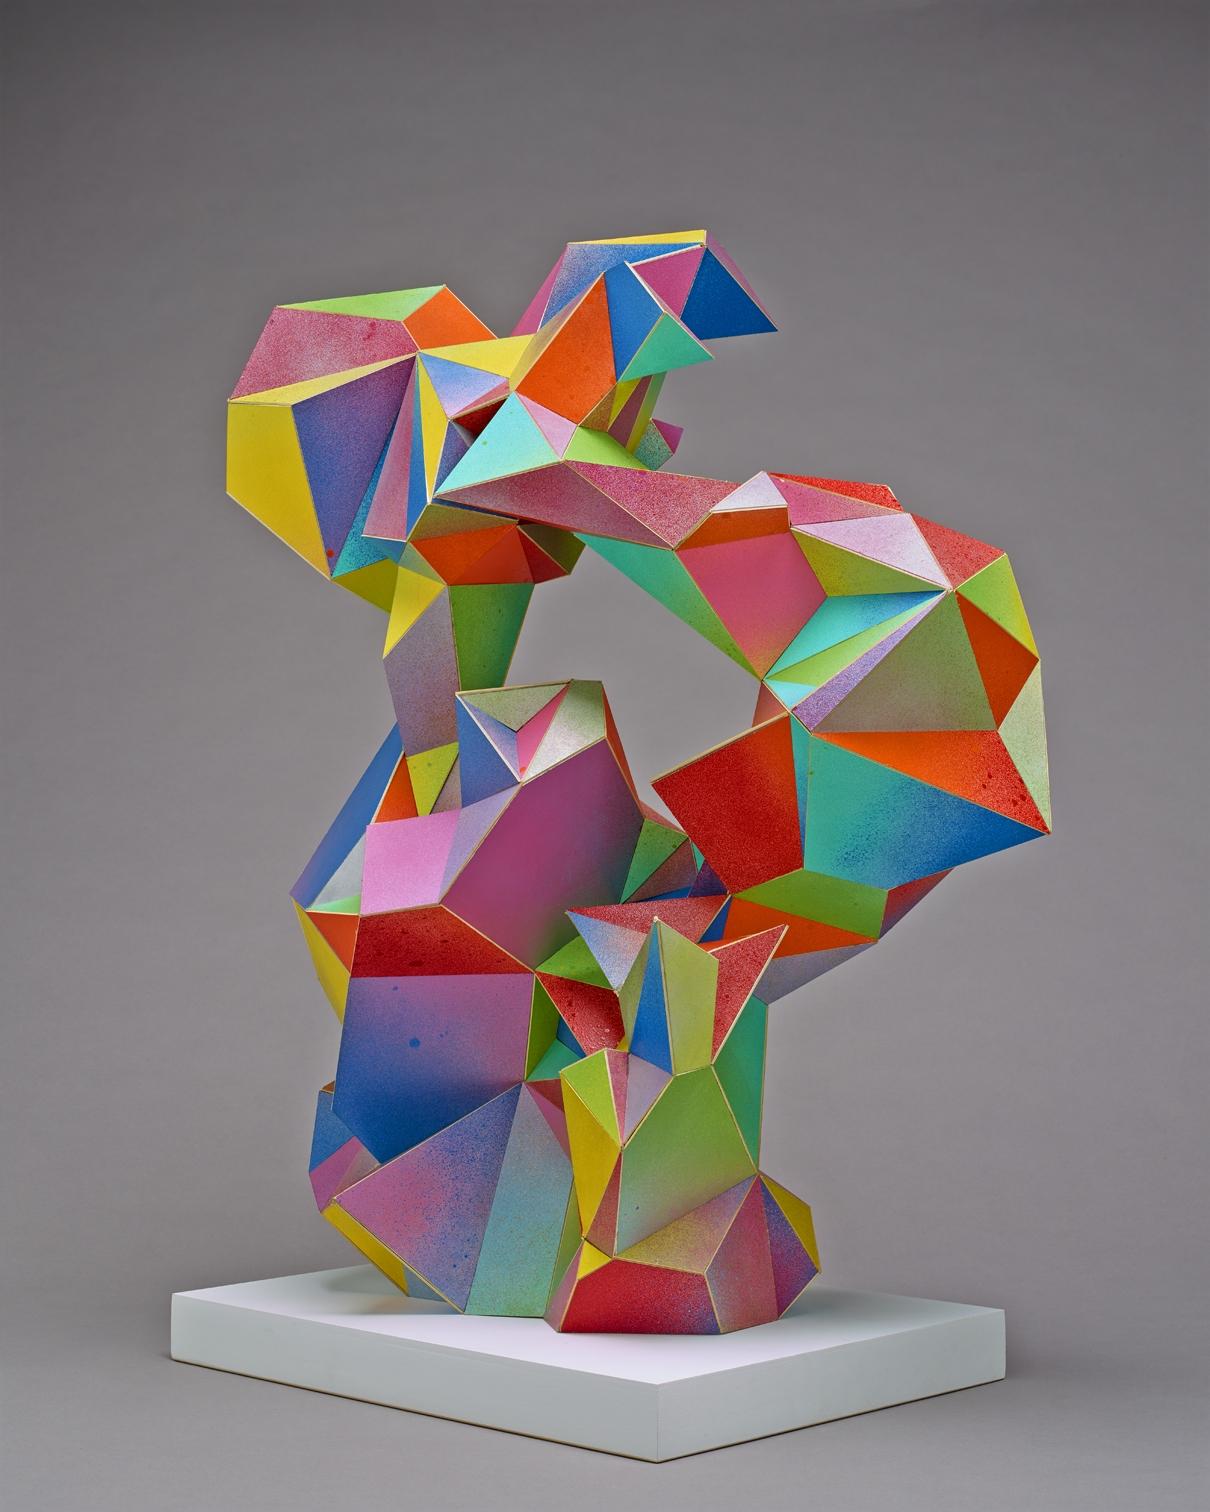 16_02_27_Jud_Bergeron_Sculpture_29525_FINAL_02.jpg